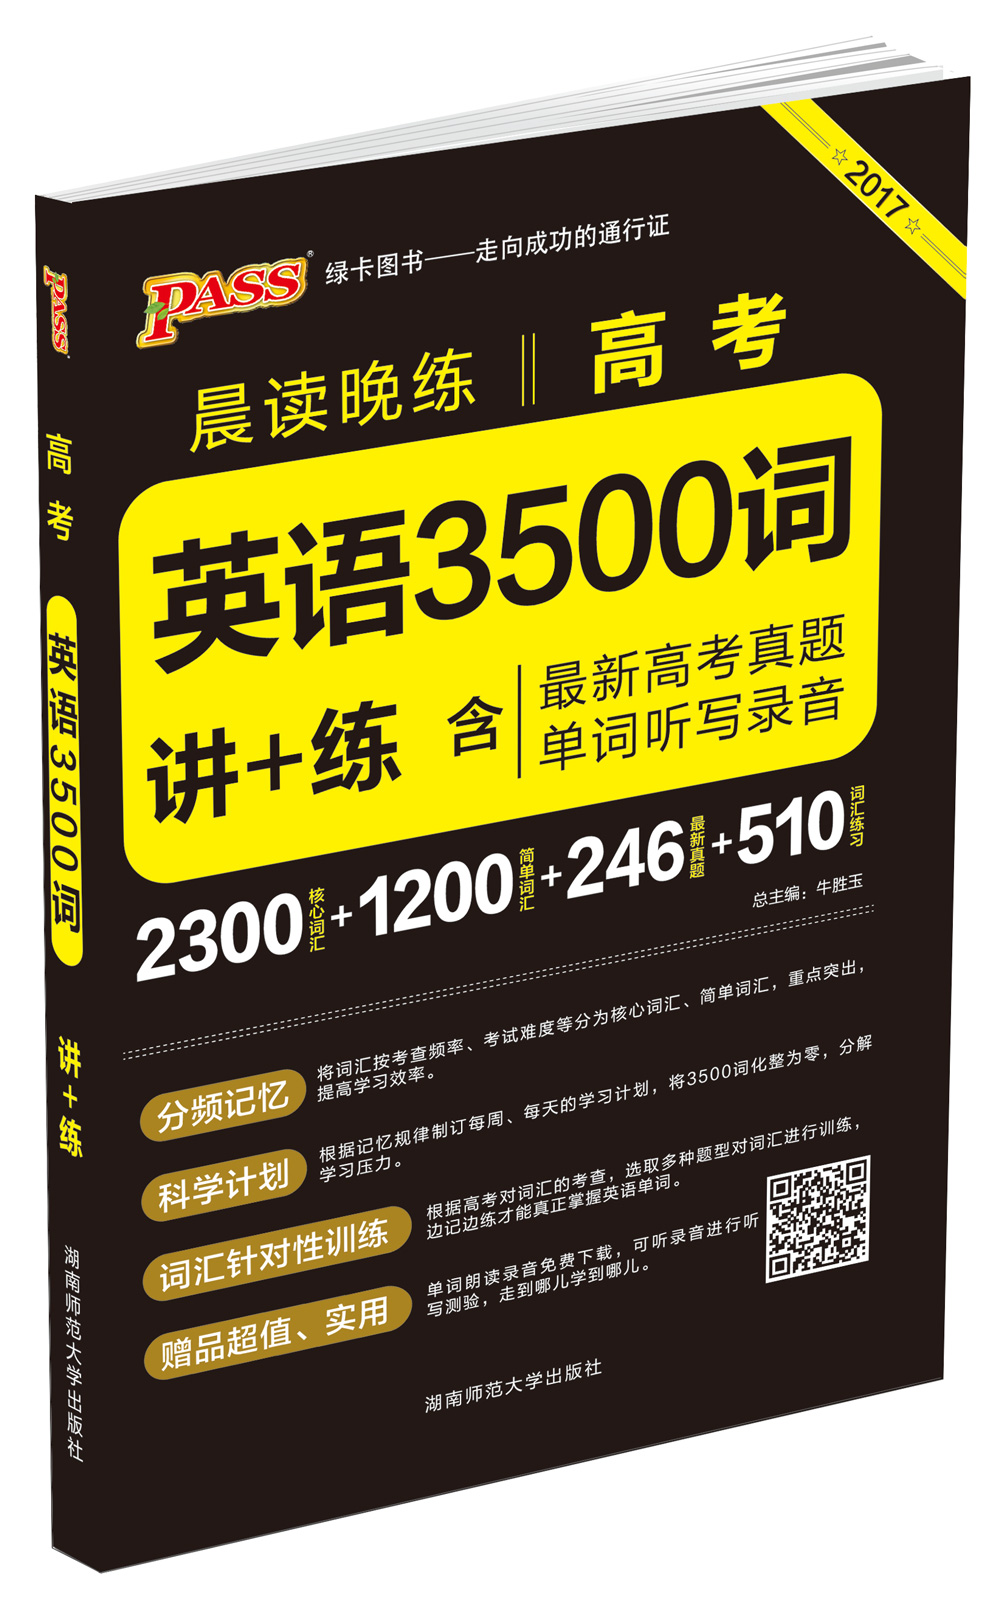 晨读晚练高考英语3500词 Week 1—Day 1